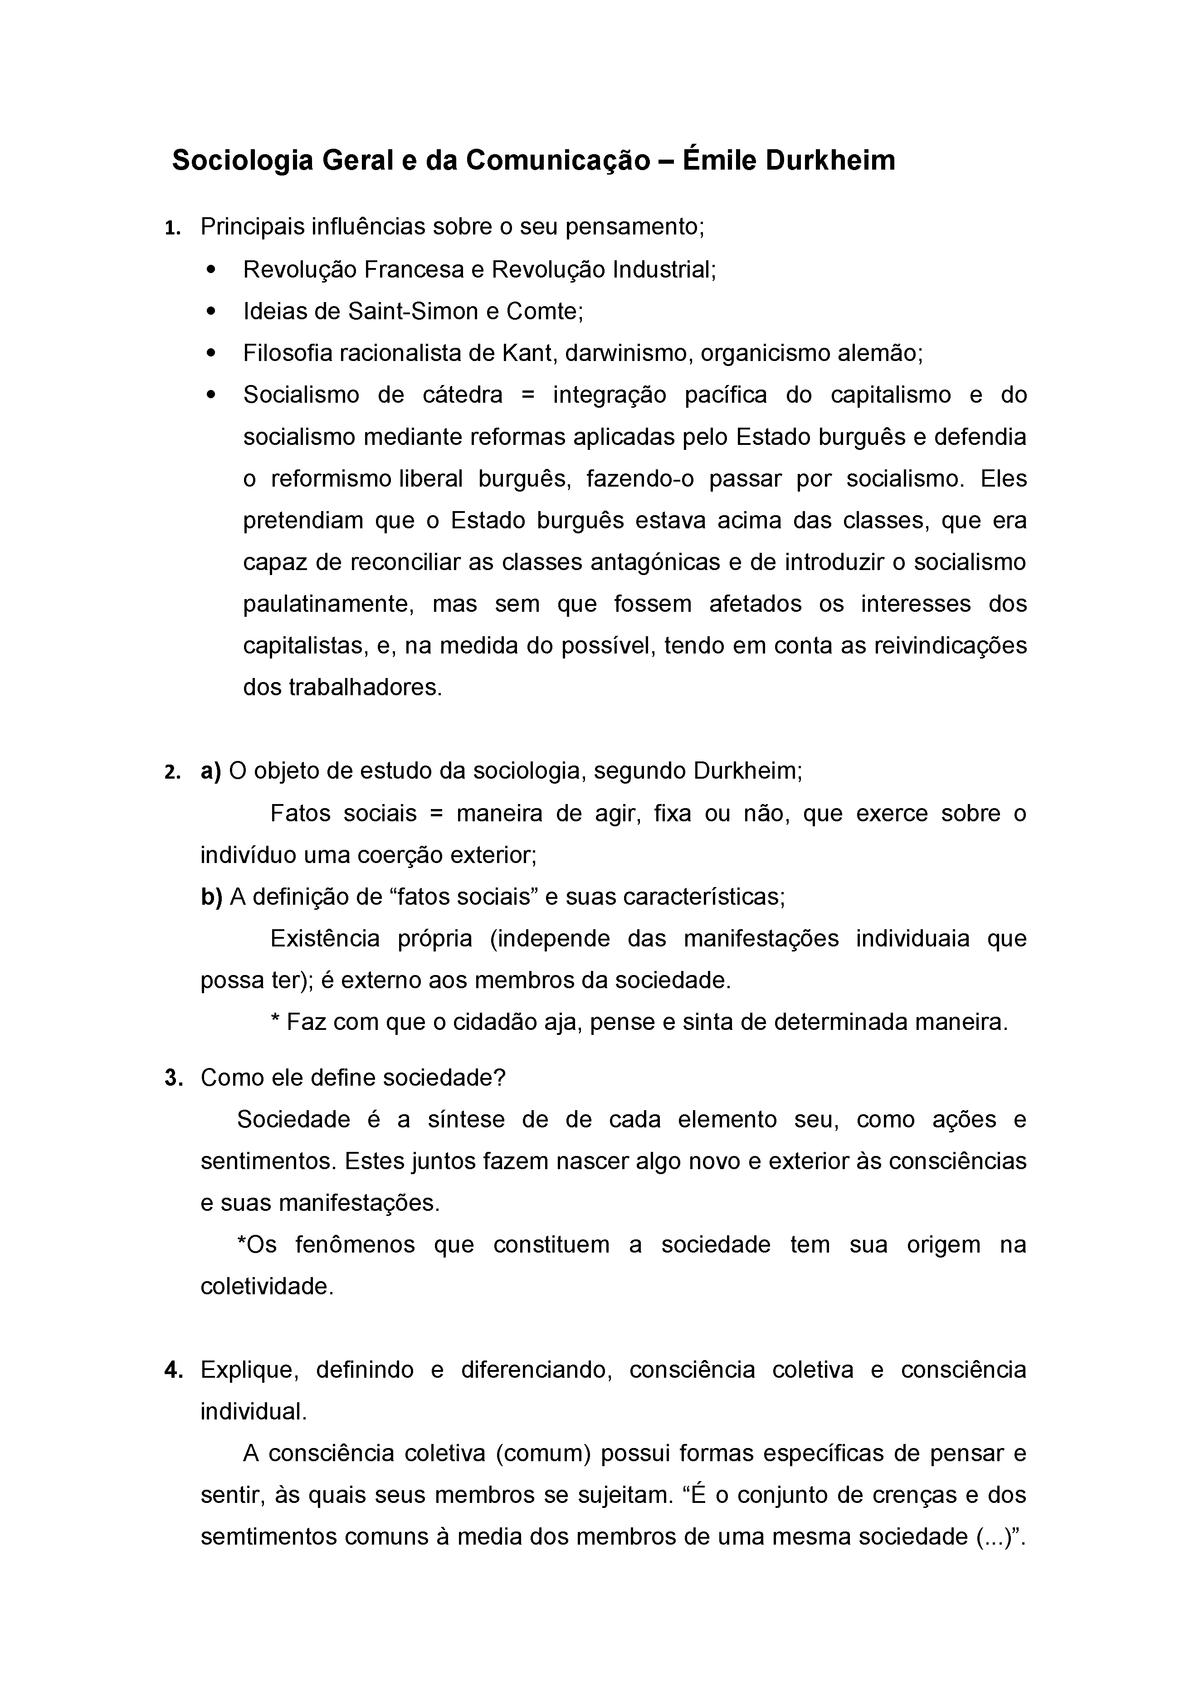 Roteiro de Estudos - Émile Durkheim - Sociologia - StuDocu